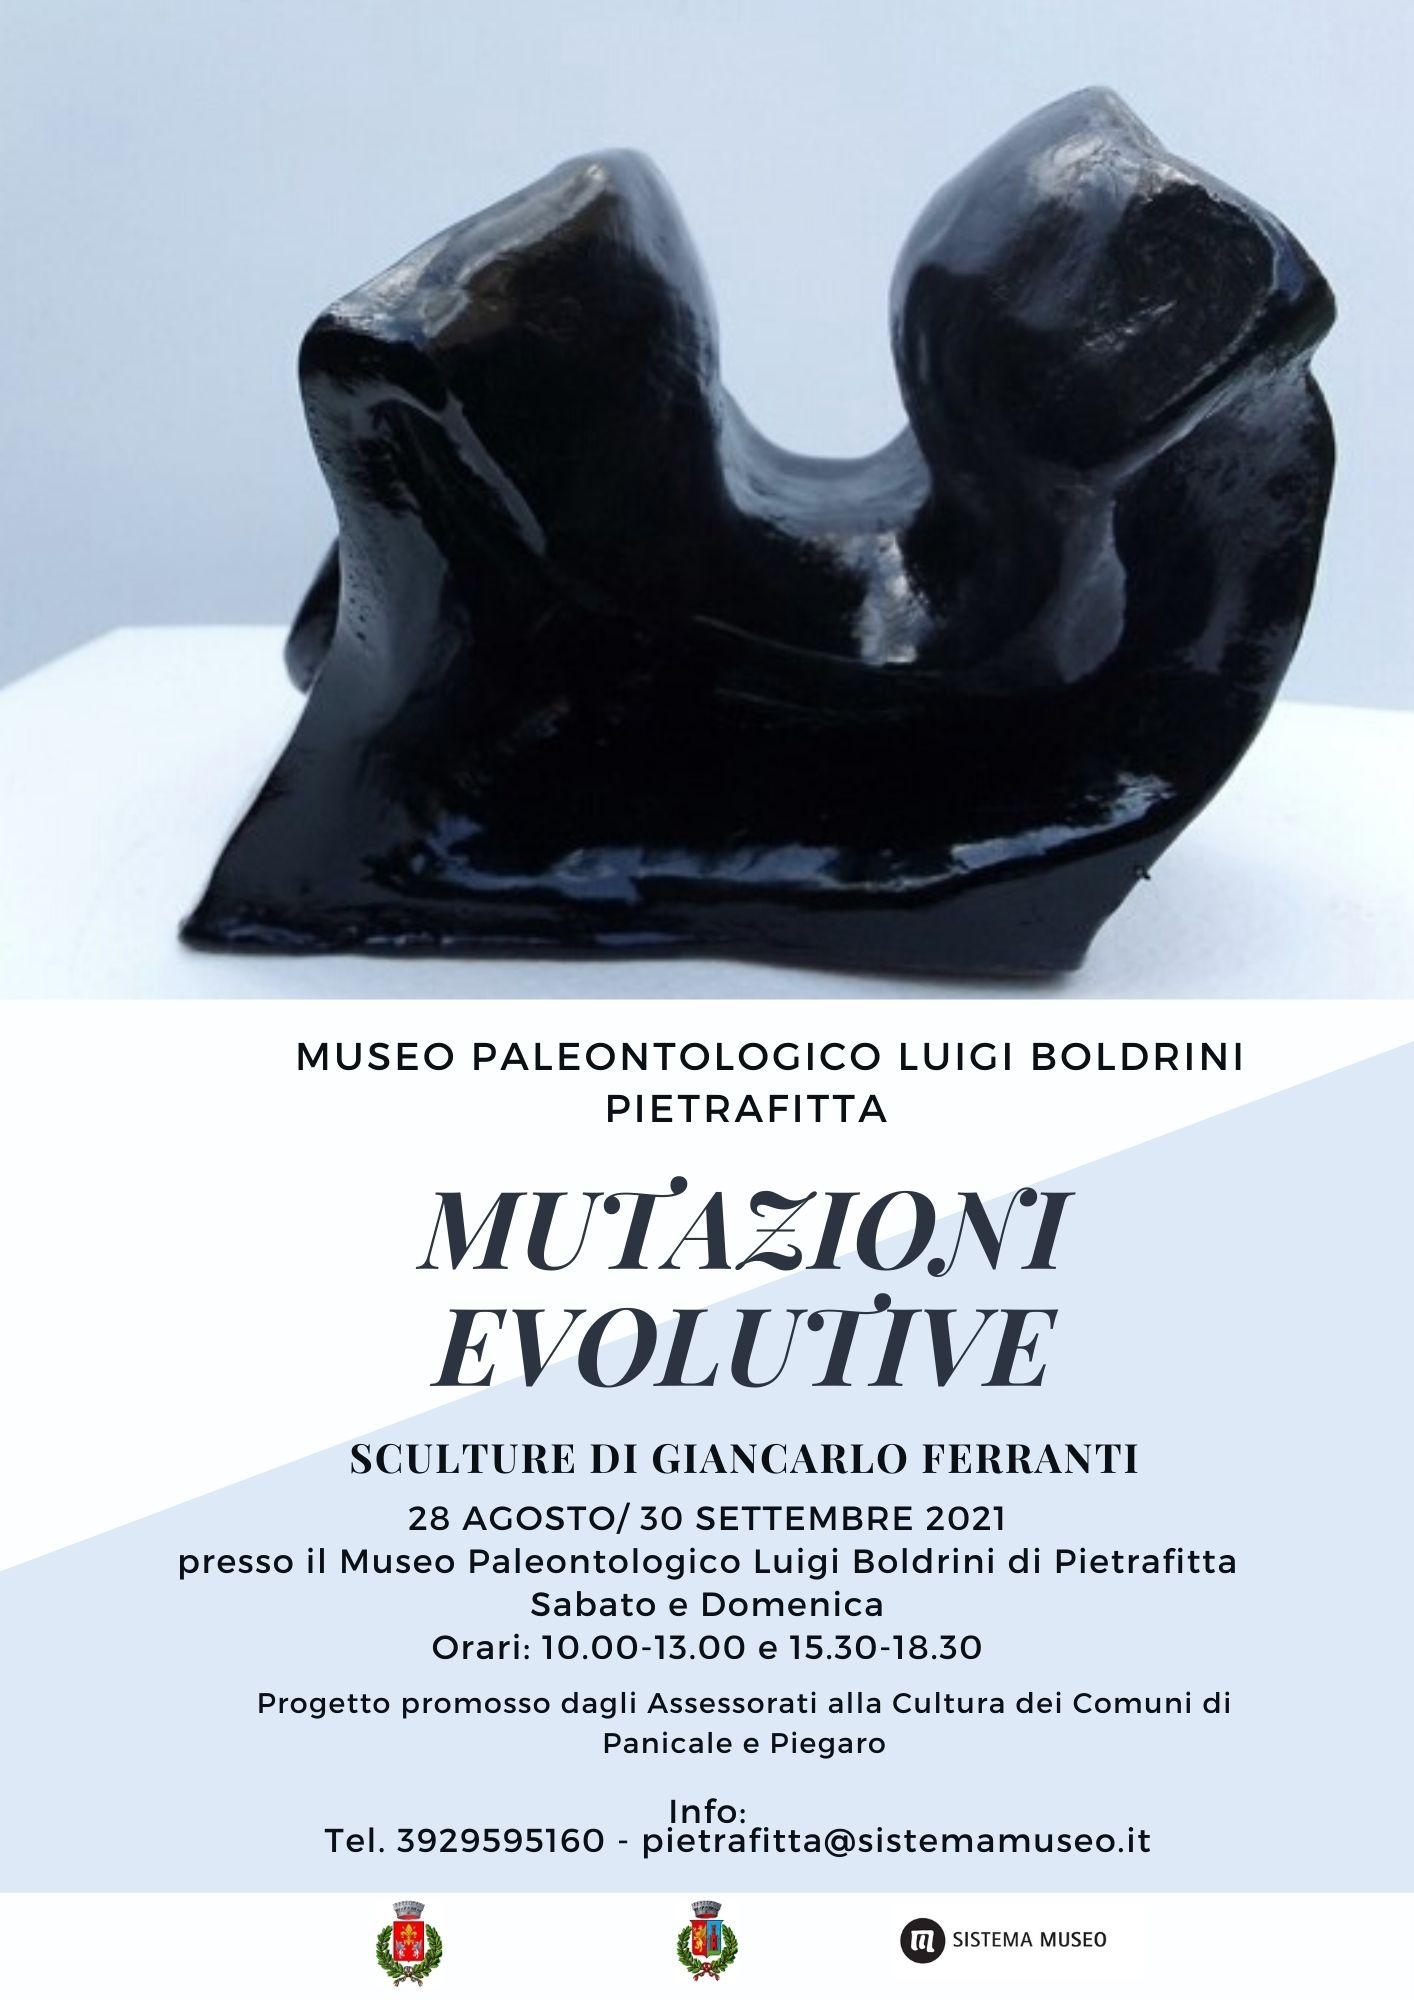 Scultura, al Museo paleontologico otto terrecotte di Giancarlo Ferranti